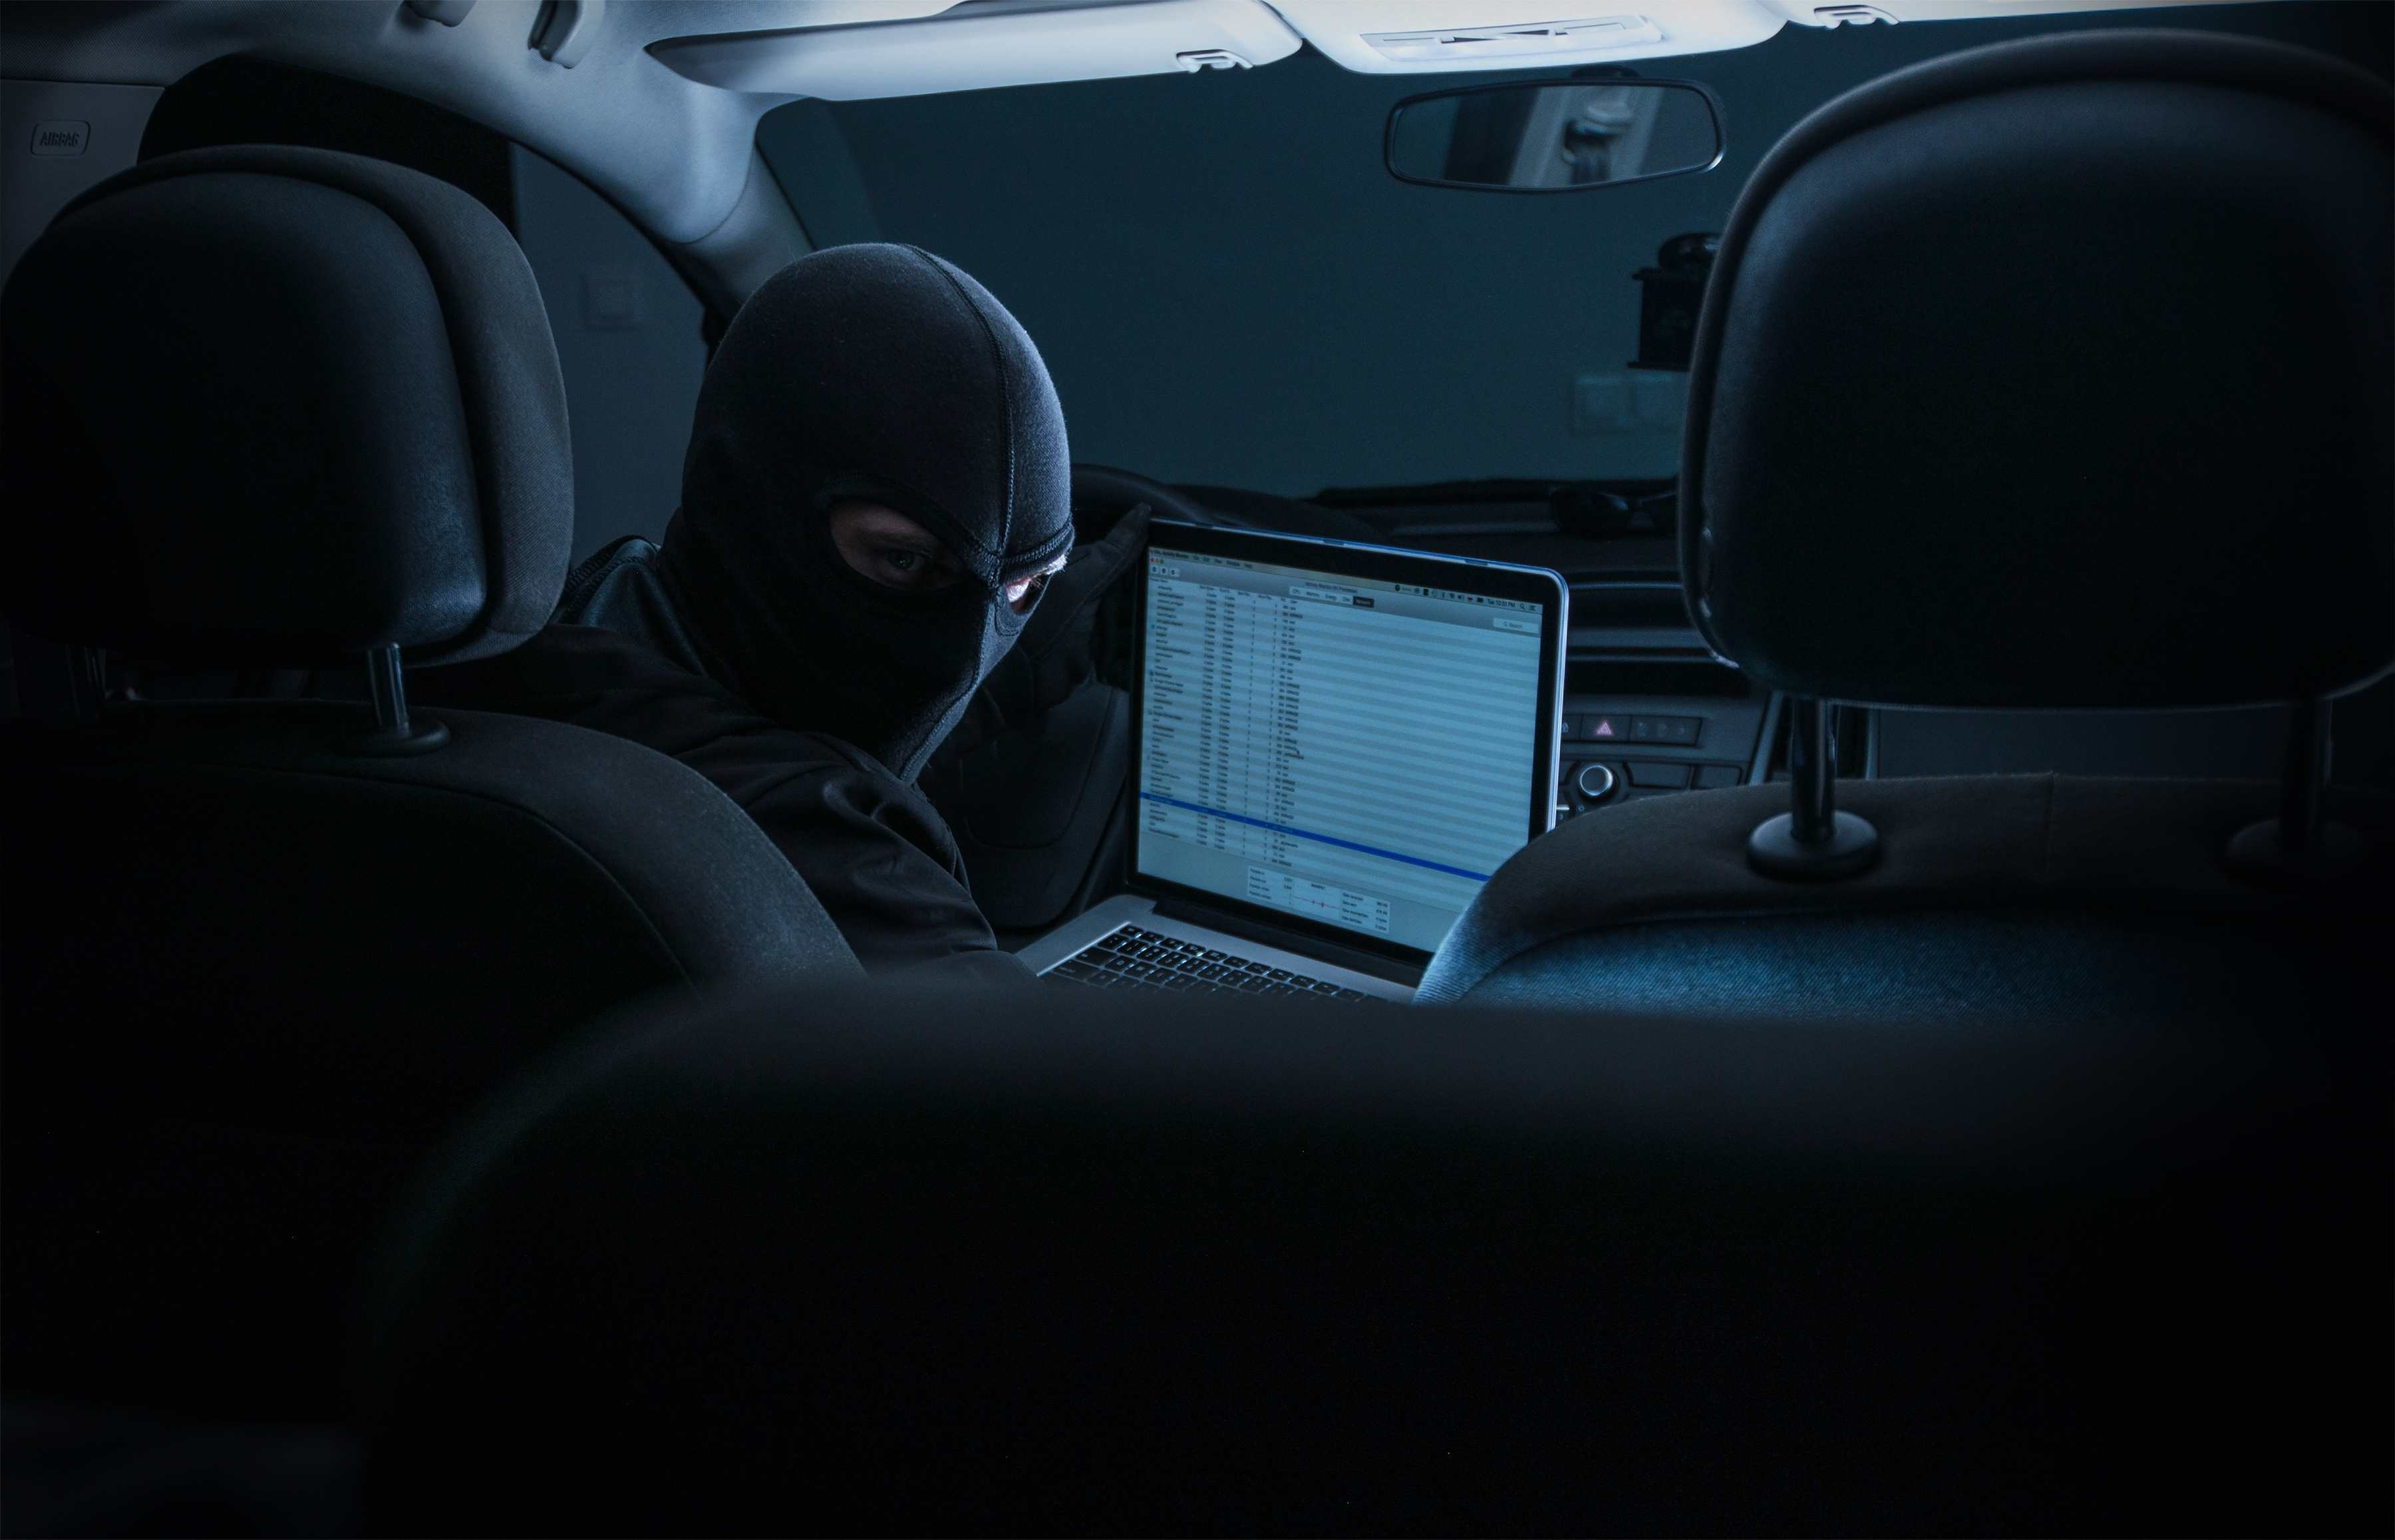 kradzież danych z bazy pesel przez agentkę abw